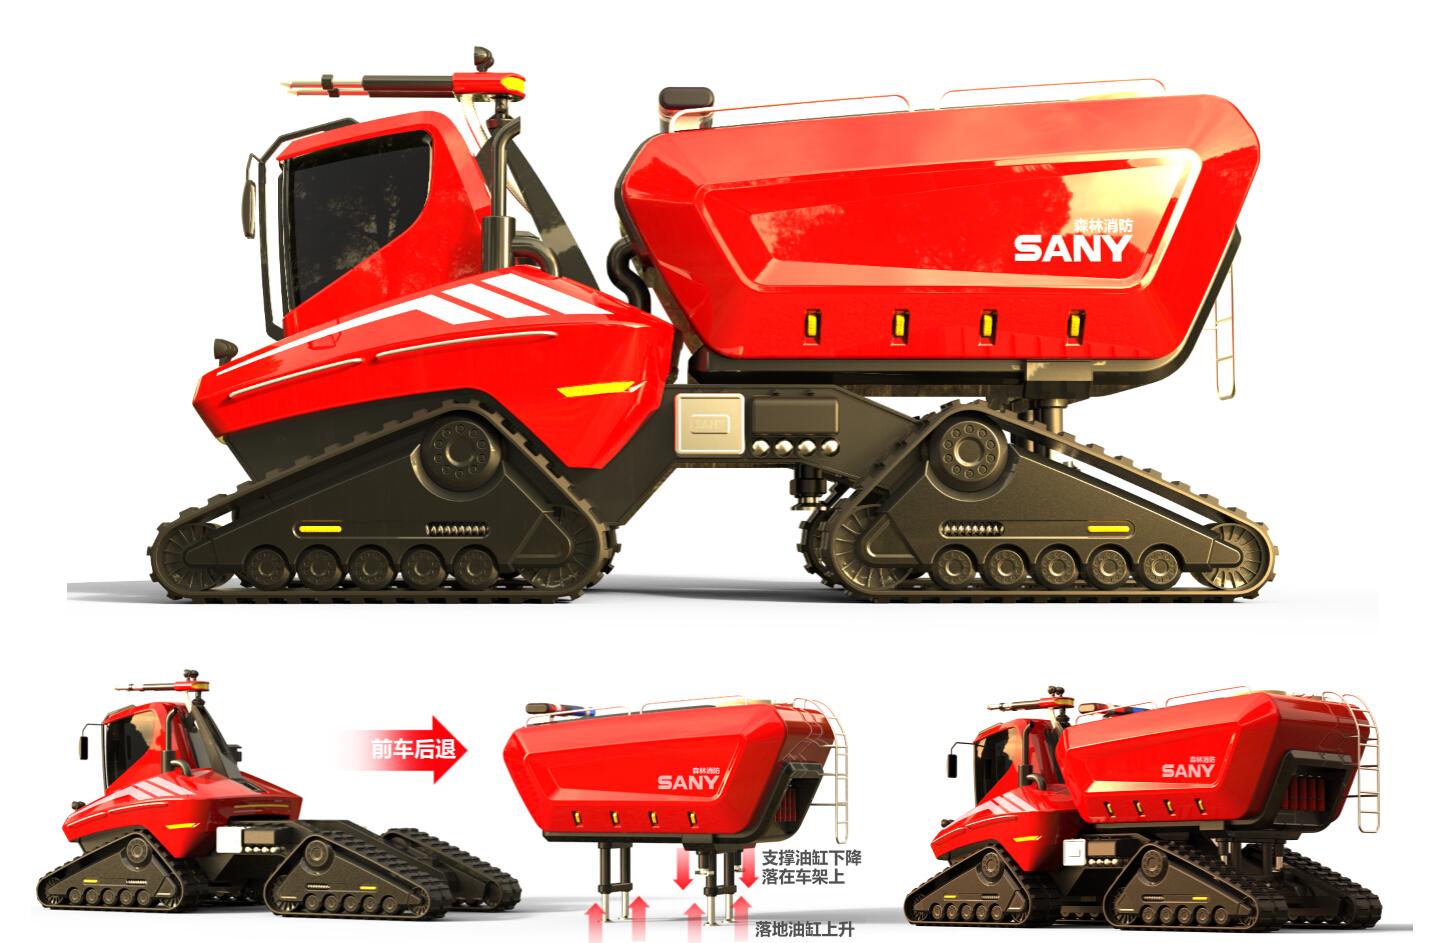 森林消防车-湖南长沙九十八号工业产品设计有限公司3